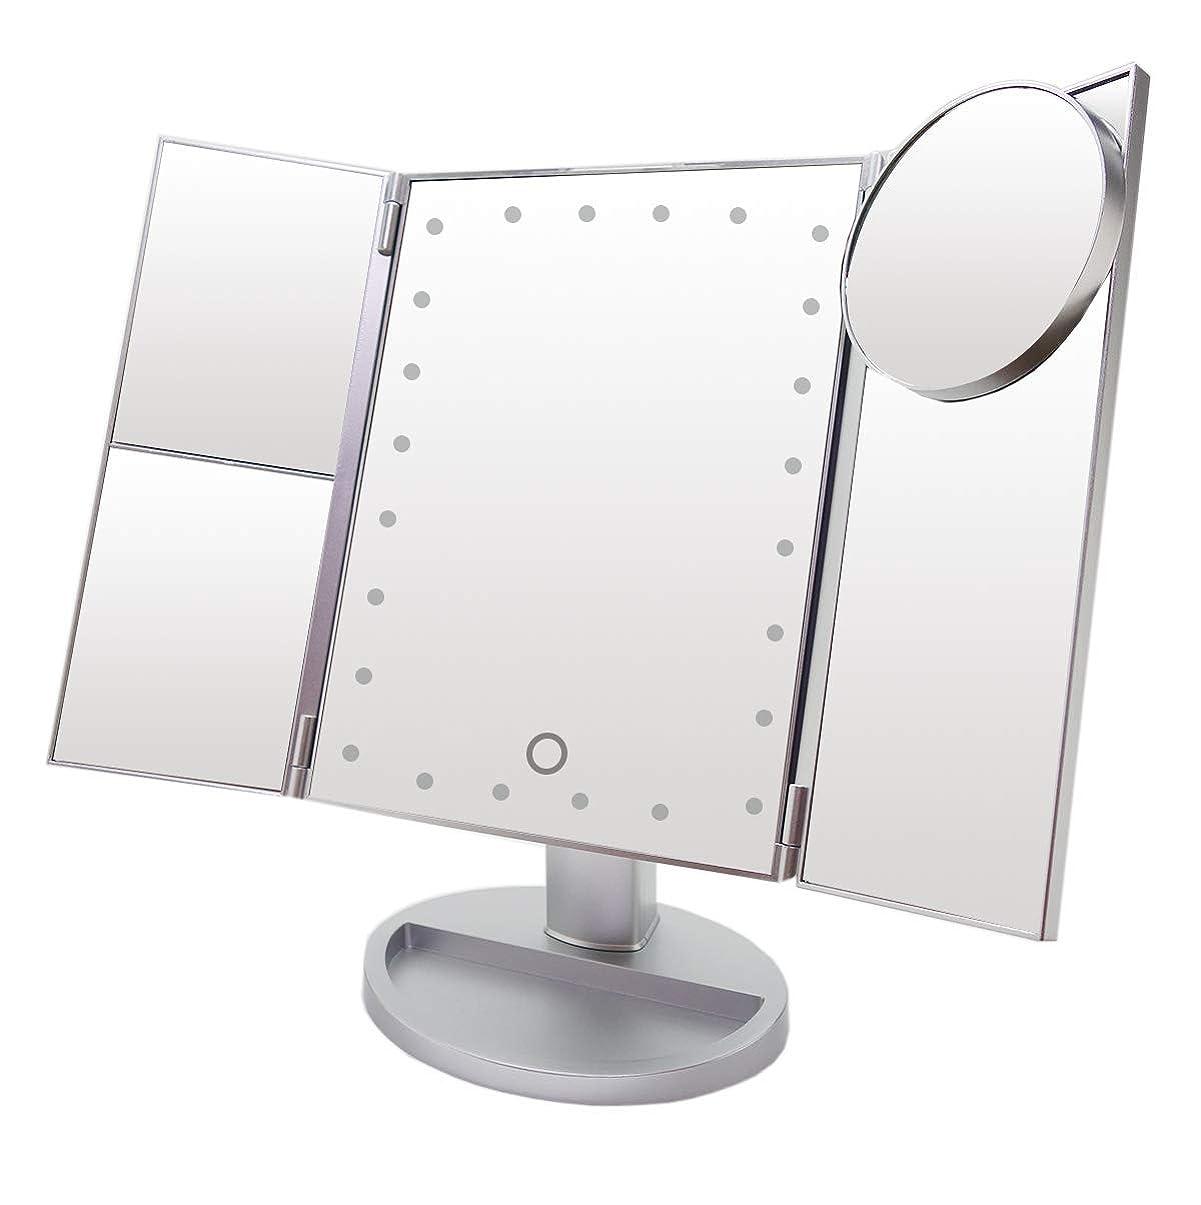 発表雇ったよろしくLa Curie LED付き三面鏡 卓上スタンドミラー 化粧鏡 LEDライト21灯 2倍&3倍拡大鏡付き 折りたたみ式 スタンド ミラー タッチパネル 明るさ 角度自由調整 12ヶ月保証&日本語説明書 (シルバー) LaCurie009